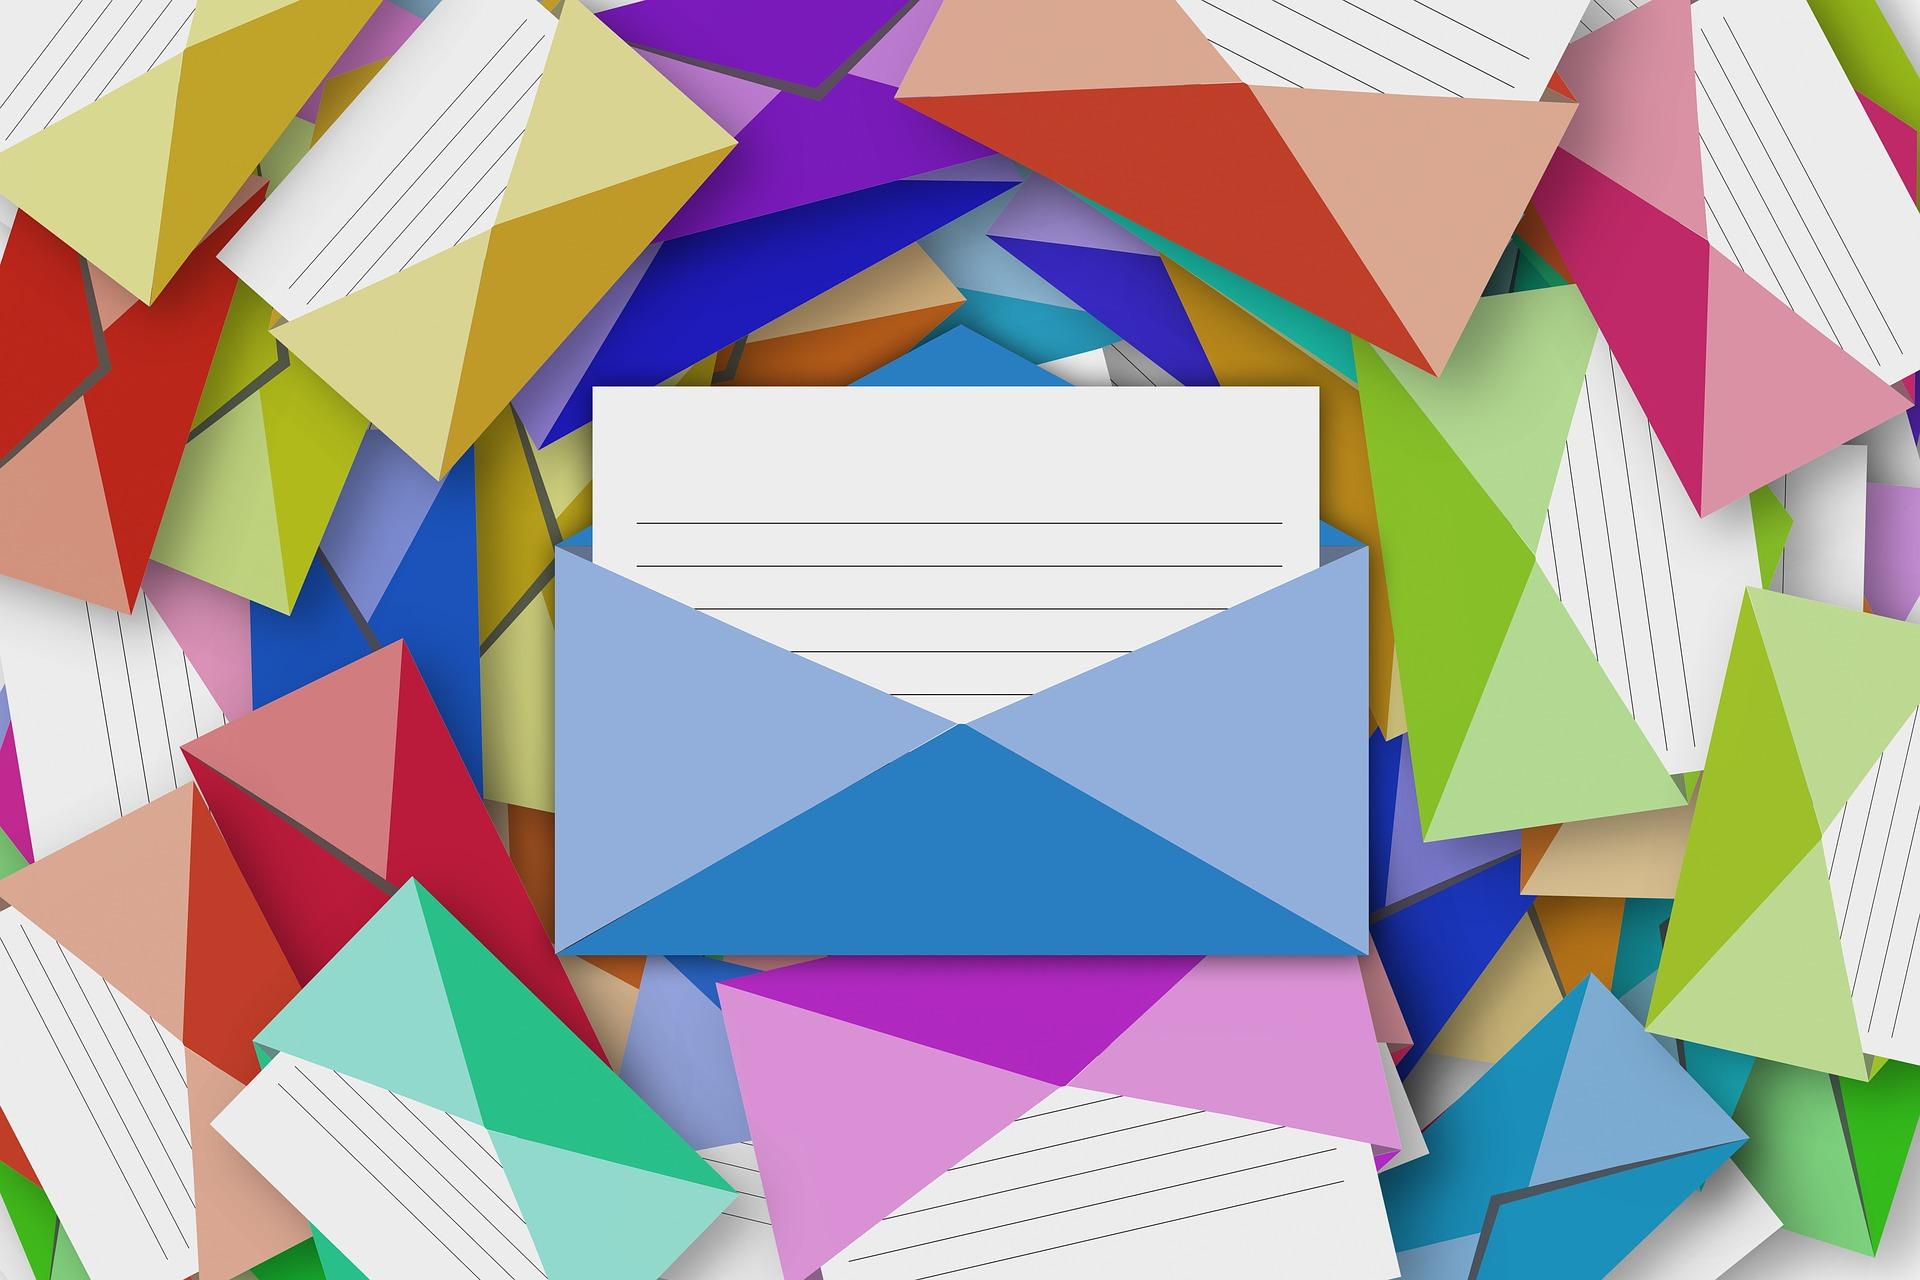 就活のメール署名の3つの書き方と注意点!テンプレと例文付きで解説!